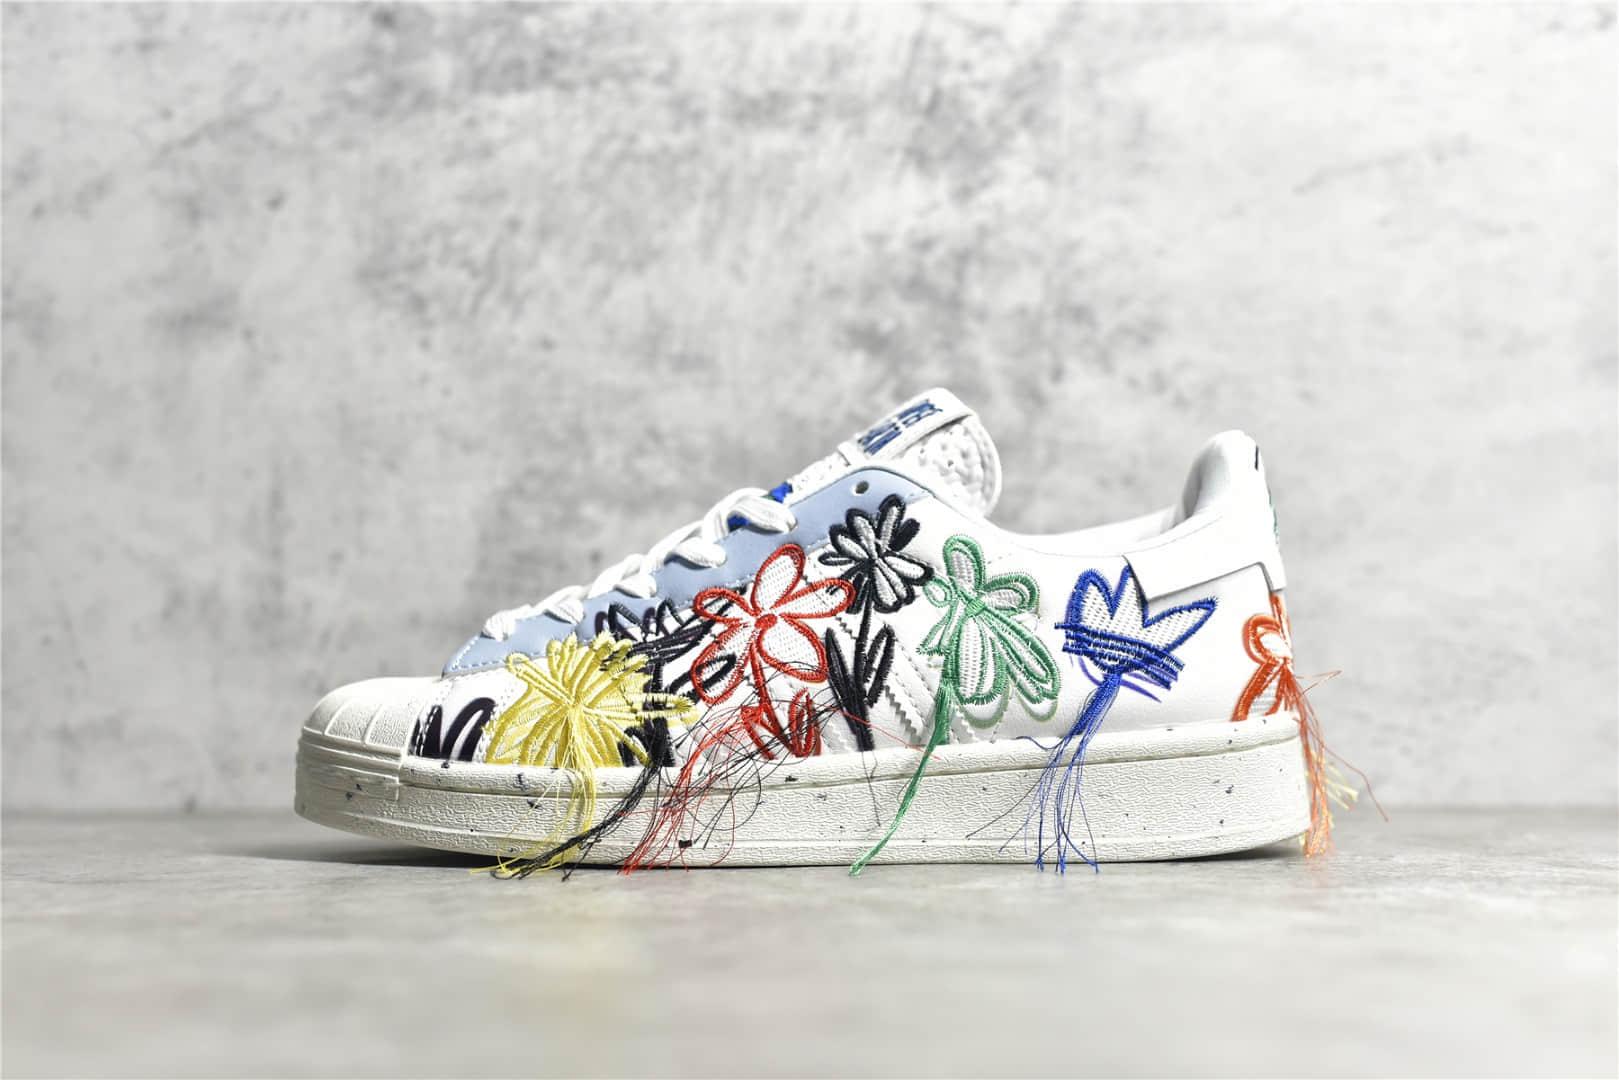 """阿迪达斯SW联名款 Sean Wotherspon x adidas Superstar """"Super Earth"""" 阿迪达斯流苏板鞋阿迪达斯贝壳头彩线绣花 货号:FZ4724-潮流者之家"""